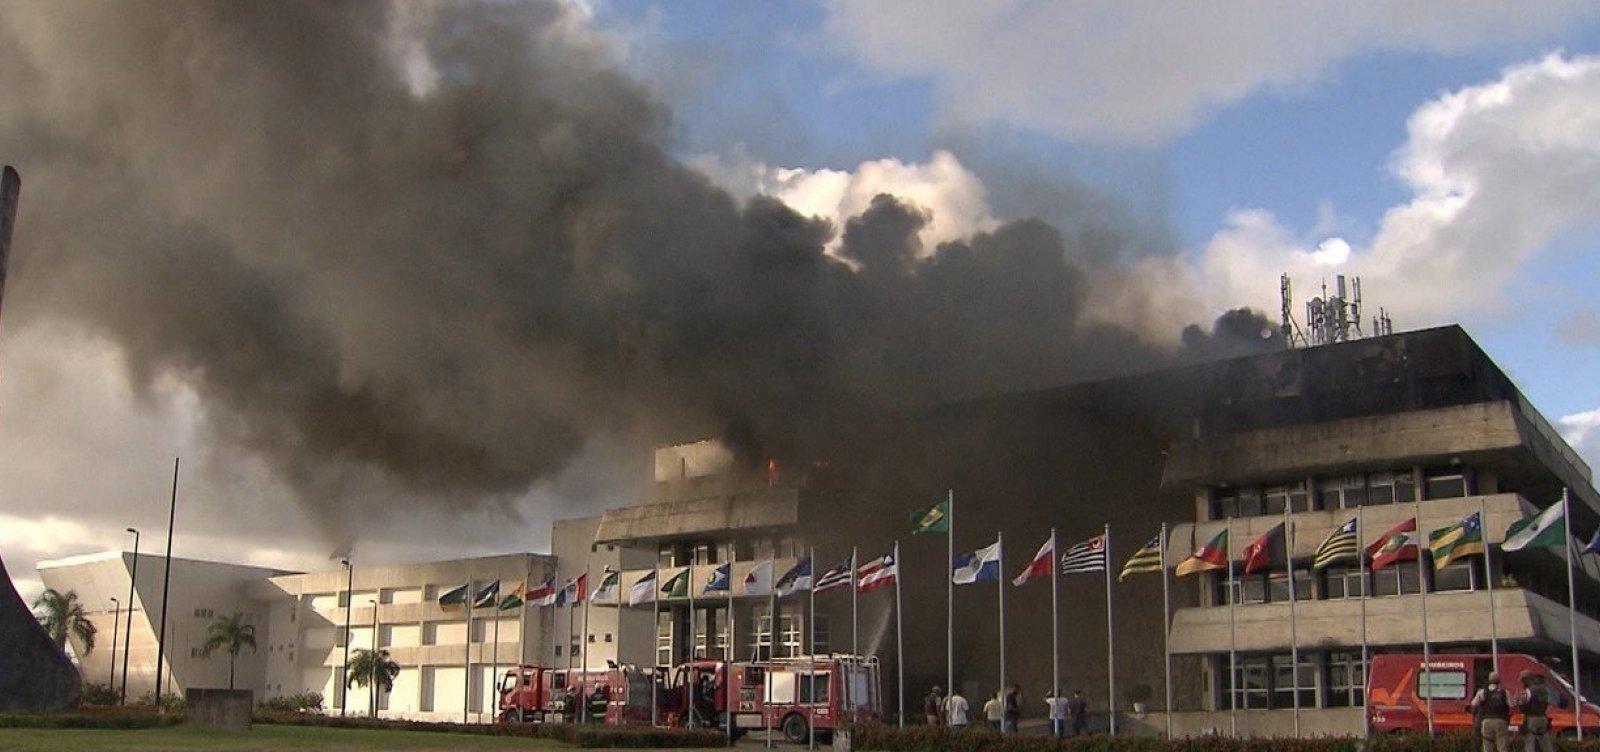 [Perícia descarta incêndio criminoso na Assembleia Legislativa da Bahia]